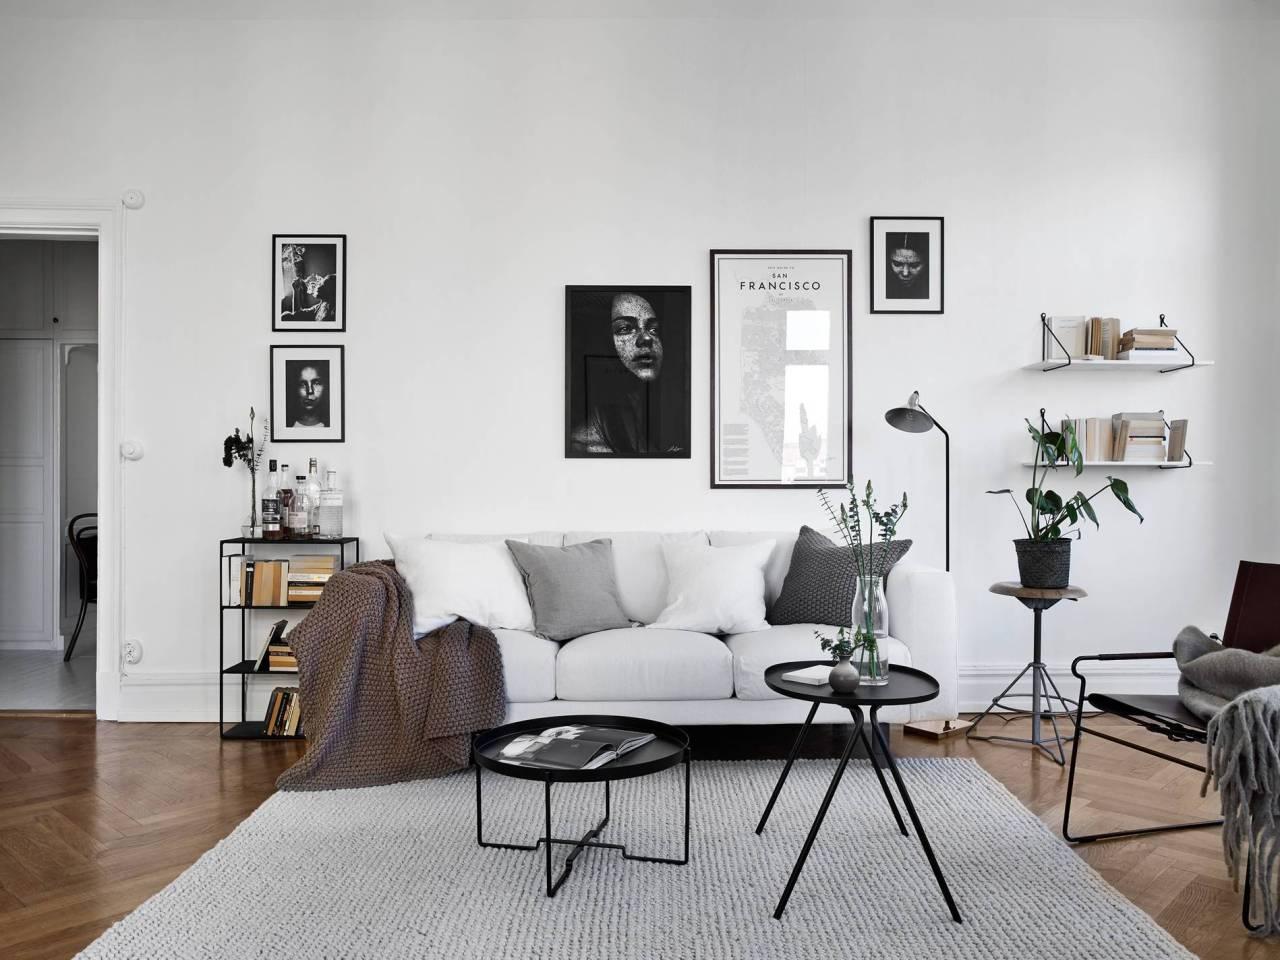 Interiér a skandinávský styl